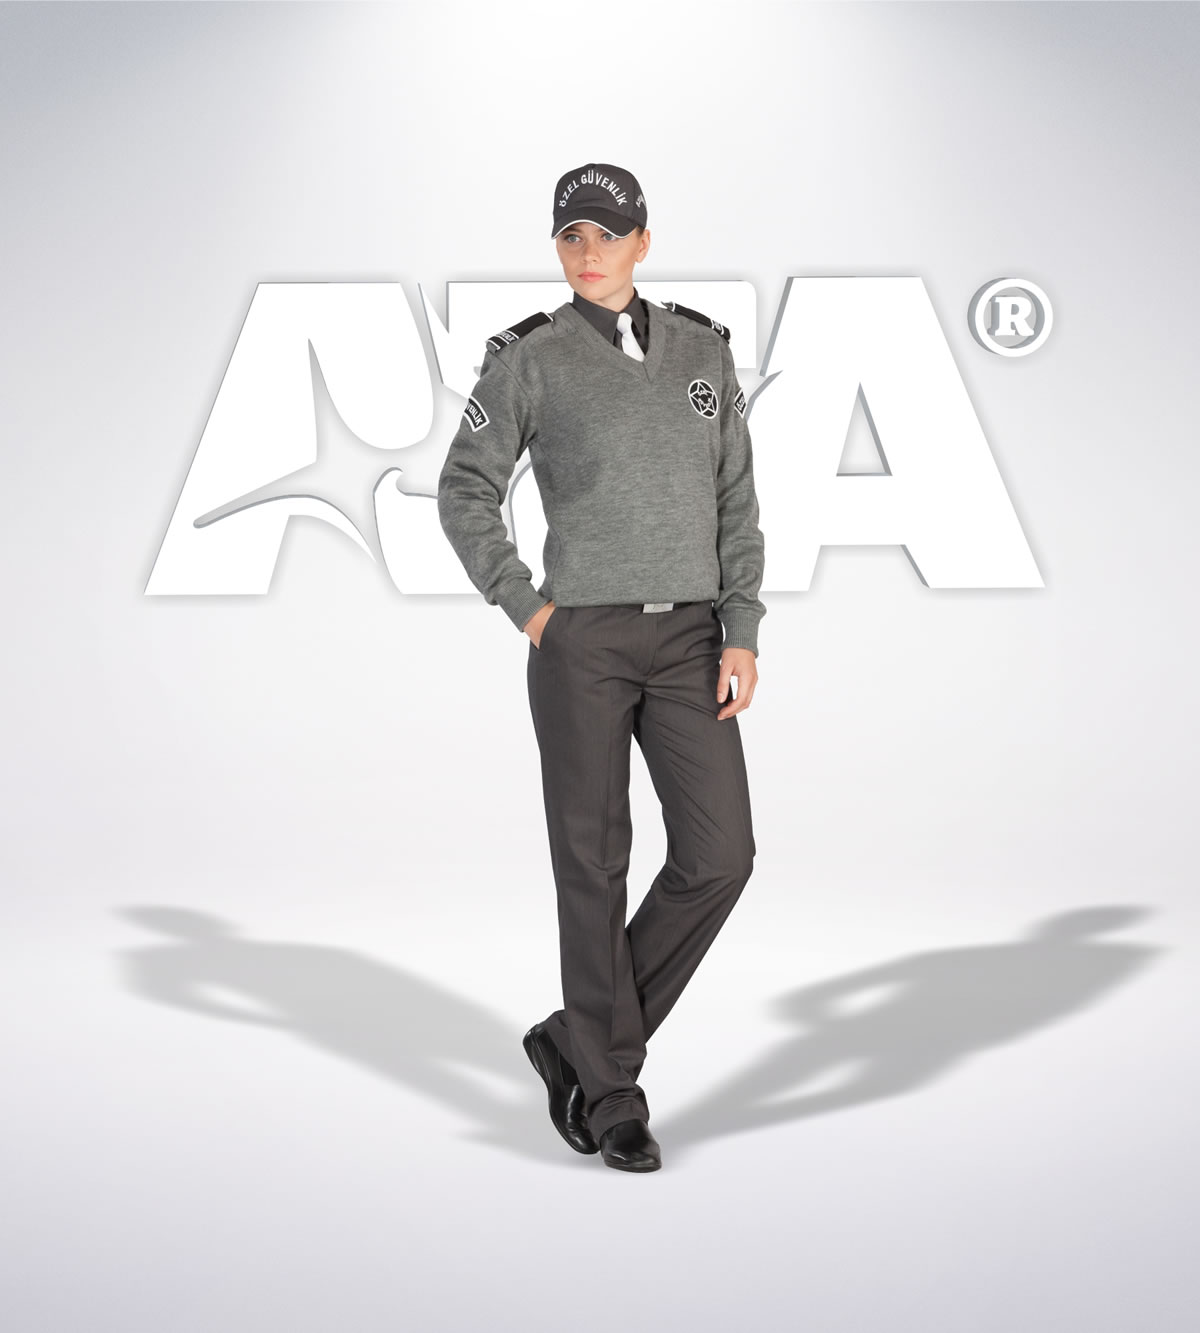 ATA 149 - Ribstop kumaş pantolon - ribstop gömlek - aksesuar - v yaka kazak - güvenlik elbiseleri | güvenlik üniformaları | güvenlik kıyafetleri